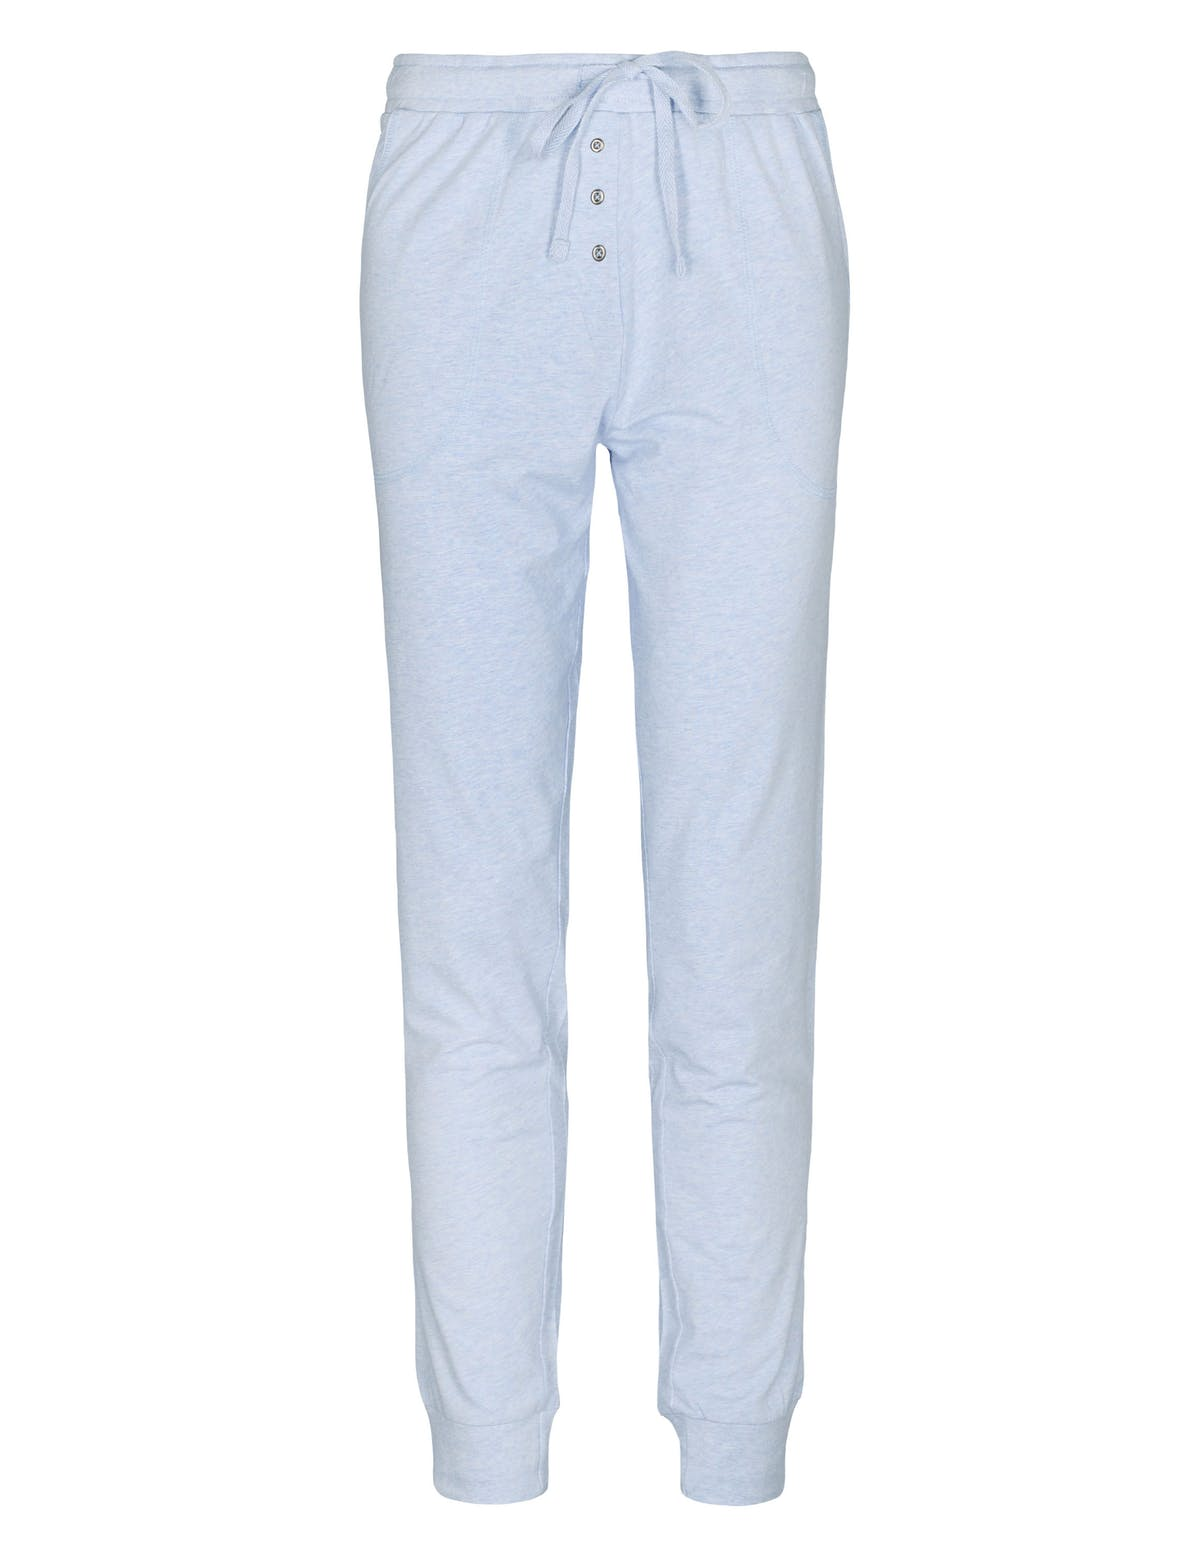 HOMEWEAR Hose mit Bündchen - Bleu Melange